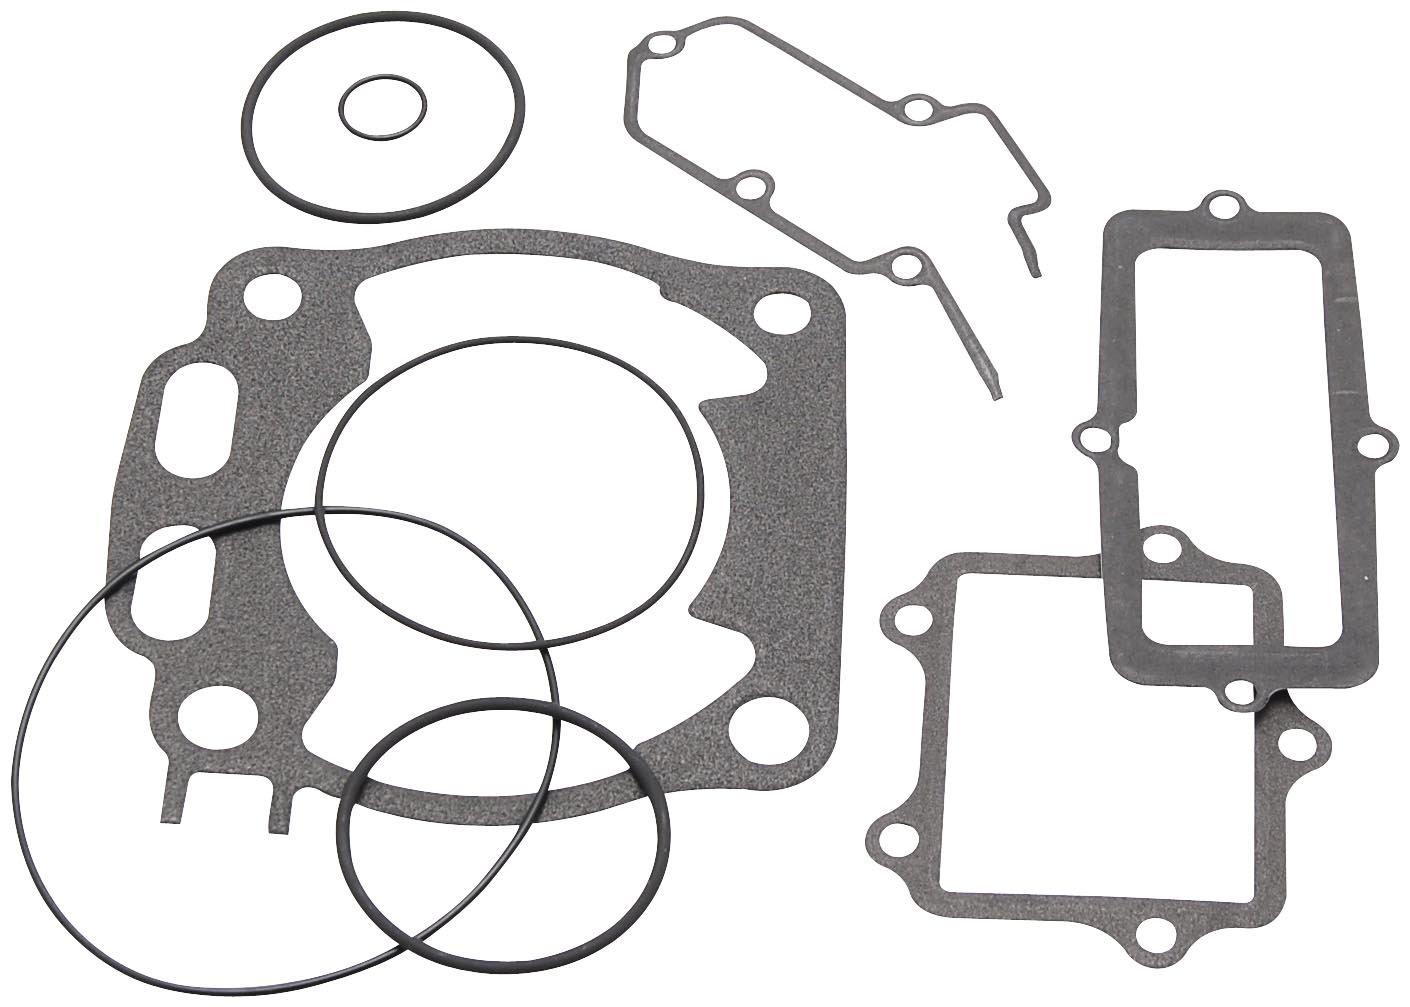 2014 2015 Kia Sorento Black Loop Driver /& Passenger Floor GGBAILEY D50741-F1A-BK-LP Custom Fit Car Mats for 2013